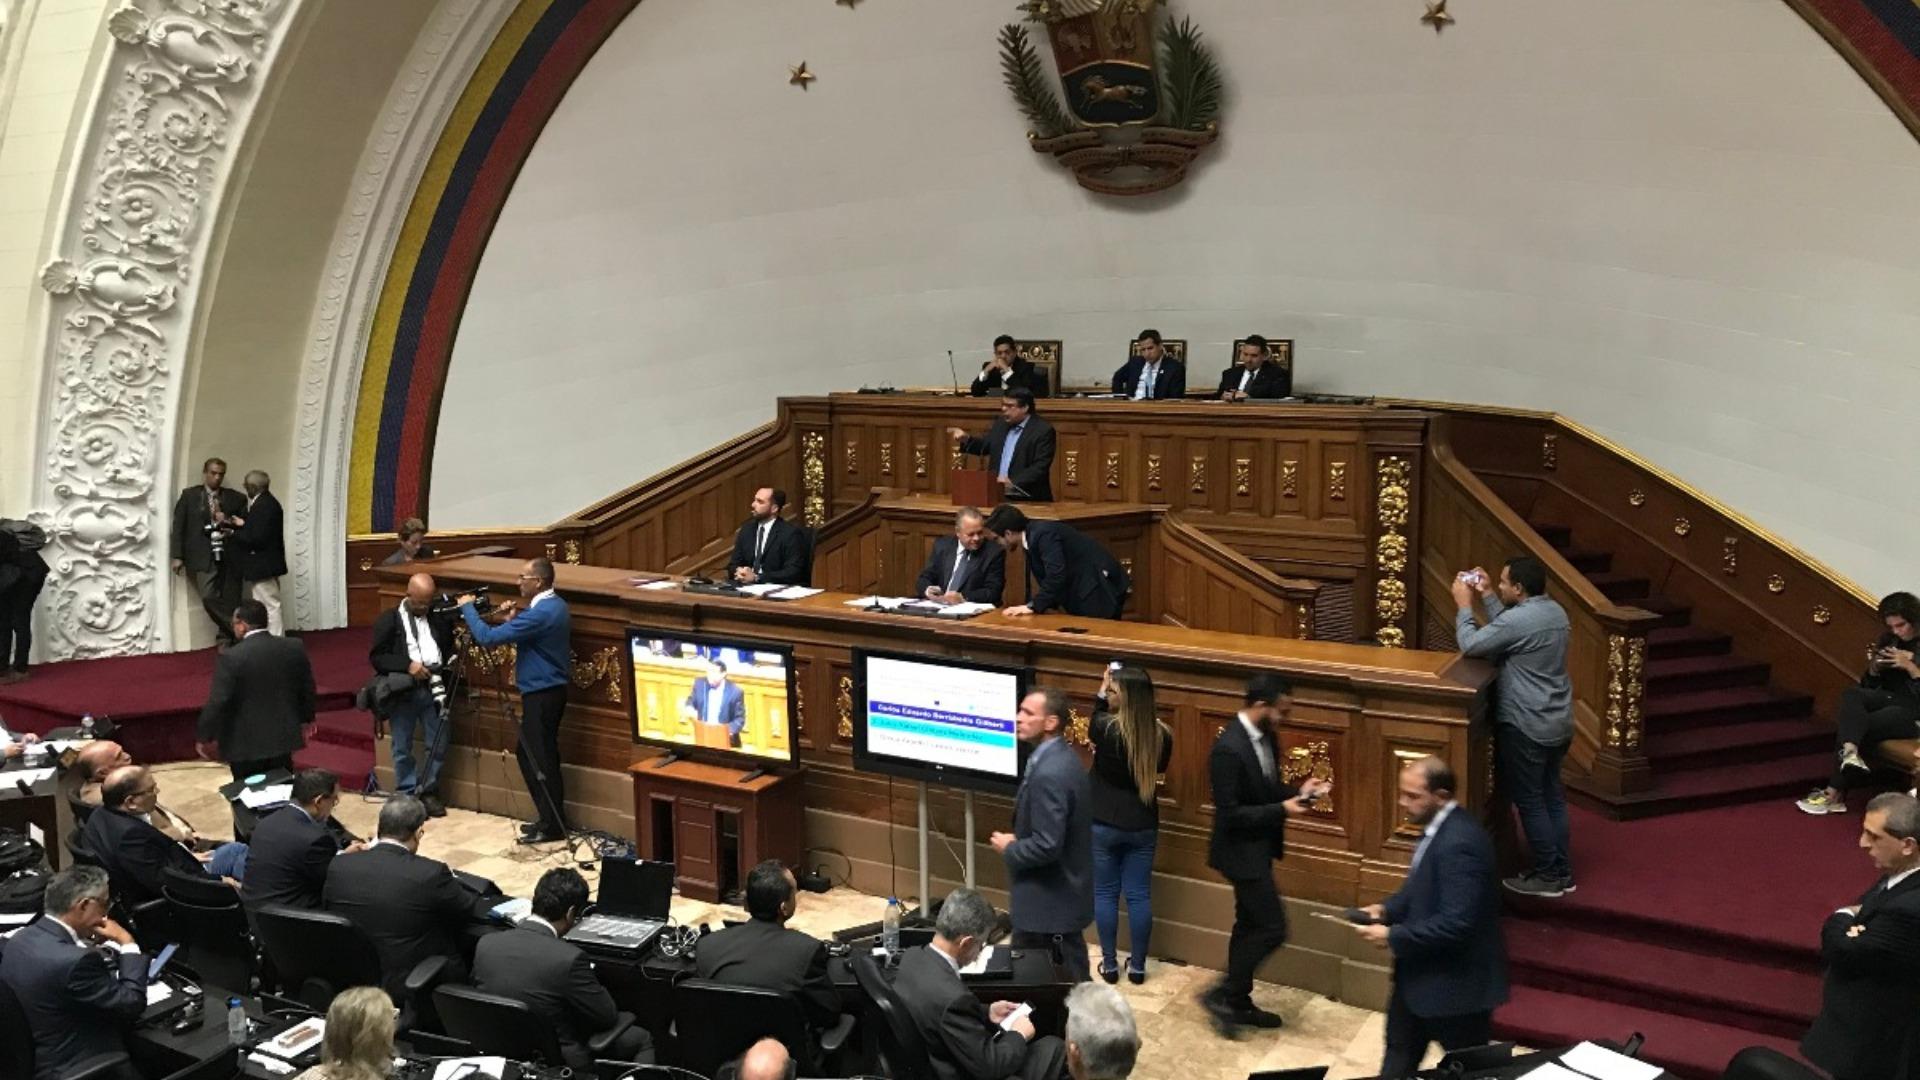 Una fracción de la AN rechaza que chavismo participe en Comisión para elegir rectores del CNE